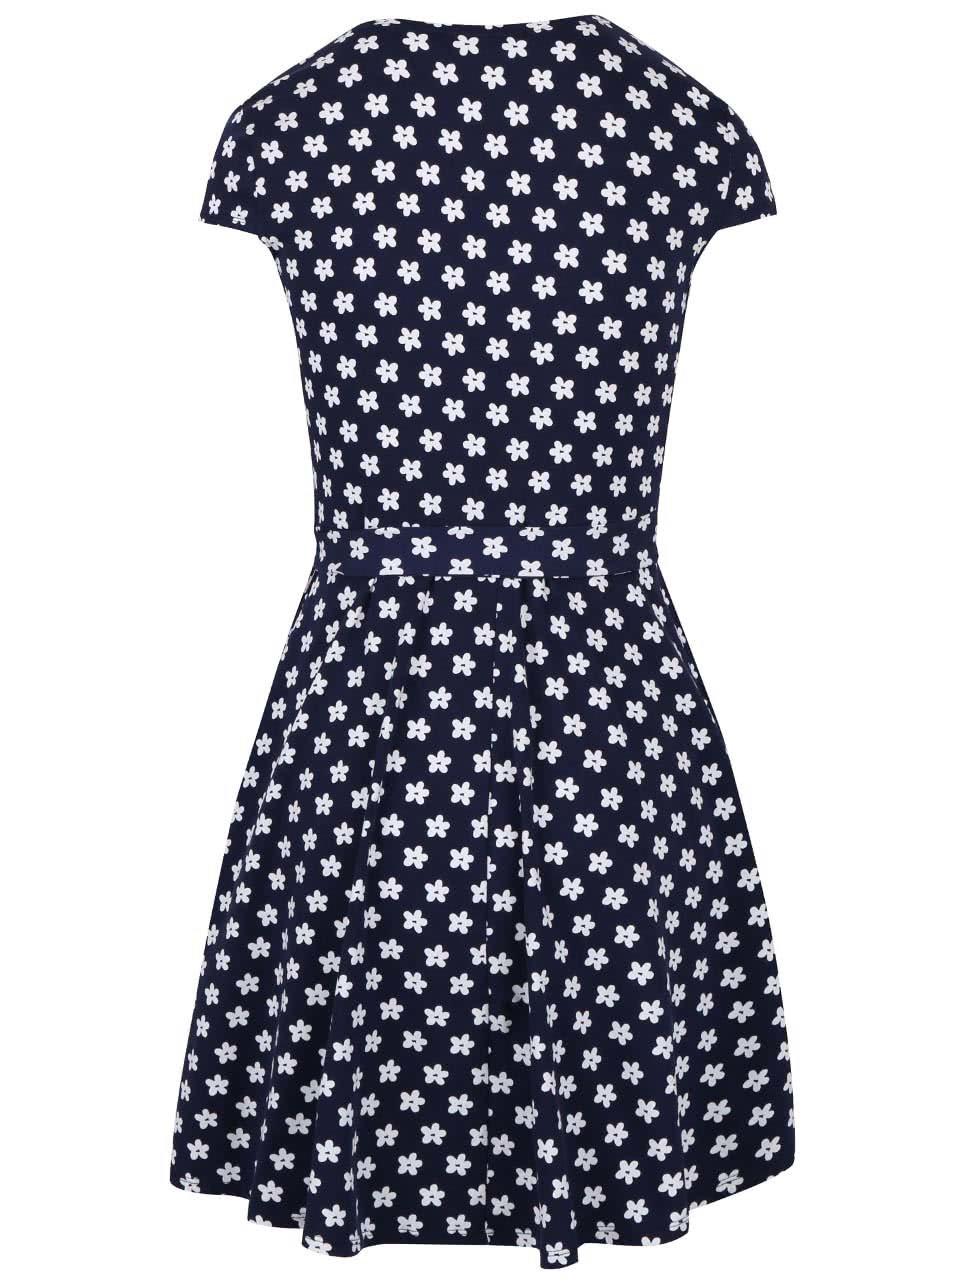 Tmavě modré zavinovací šaty s květinovým vzorem Dorothy Perkins ... 5086772306